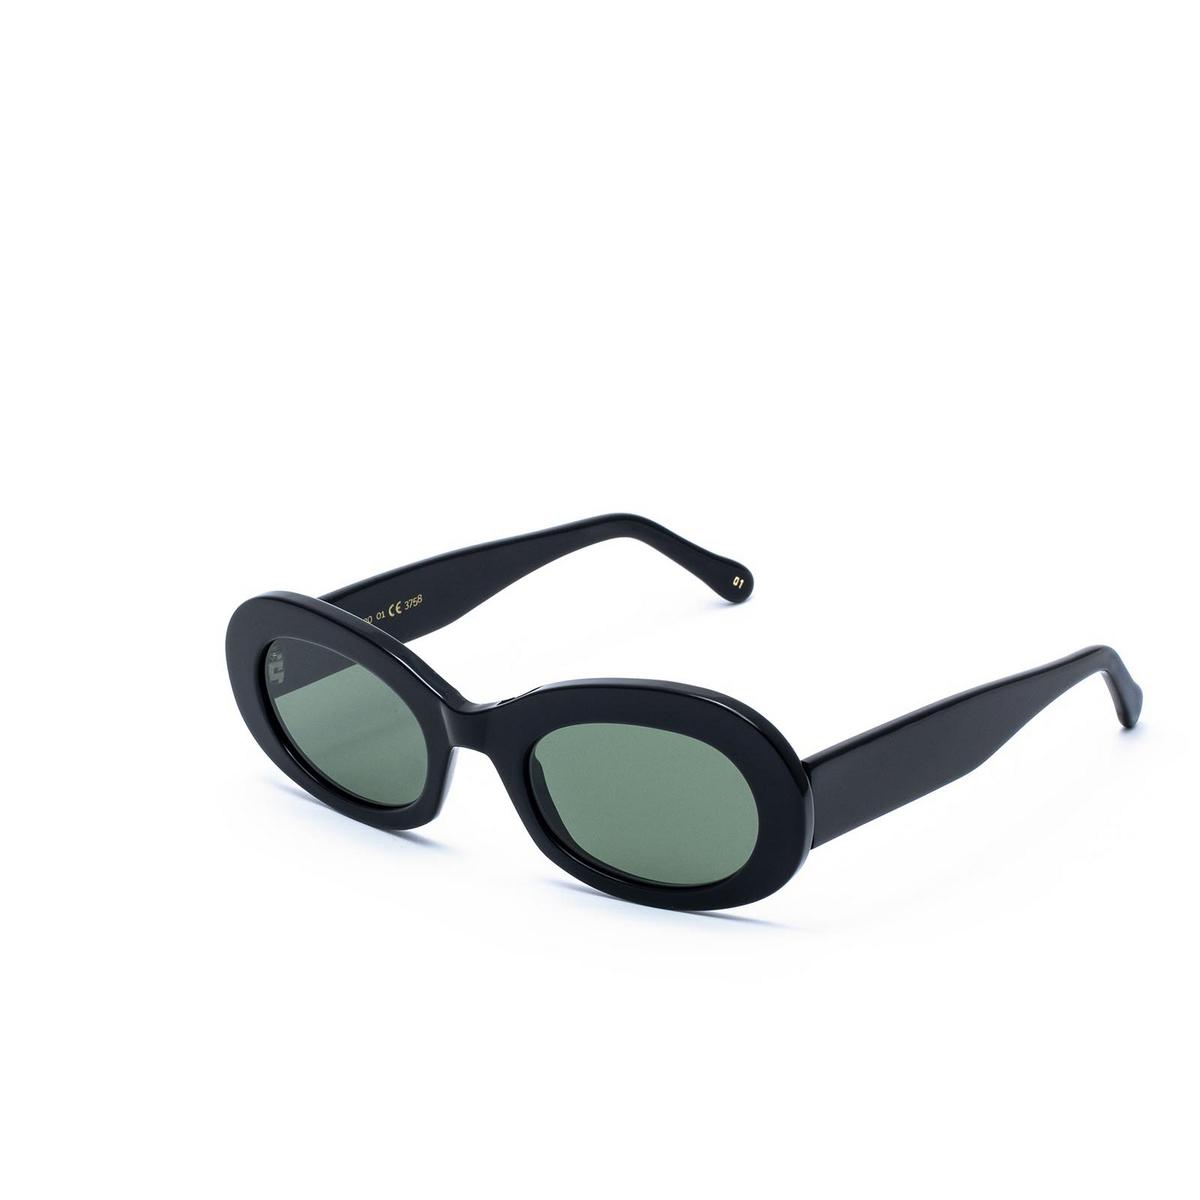 L.G.R® Oval Sunglasses: Dalia color Black 01 - three-quarters view.